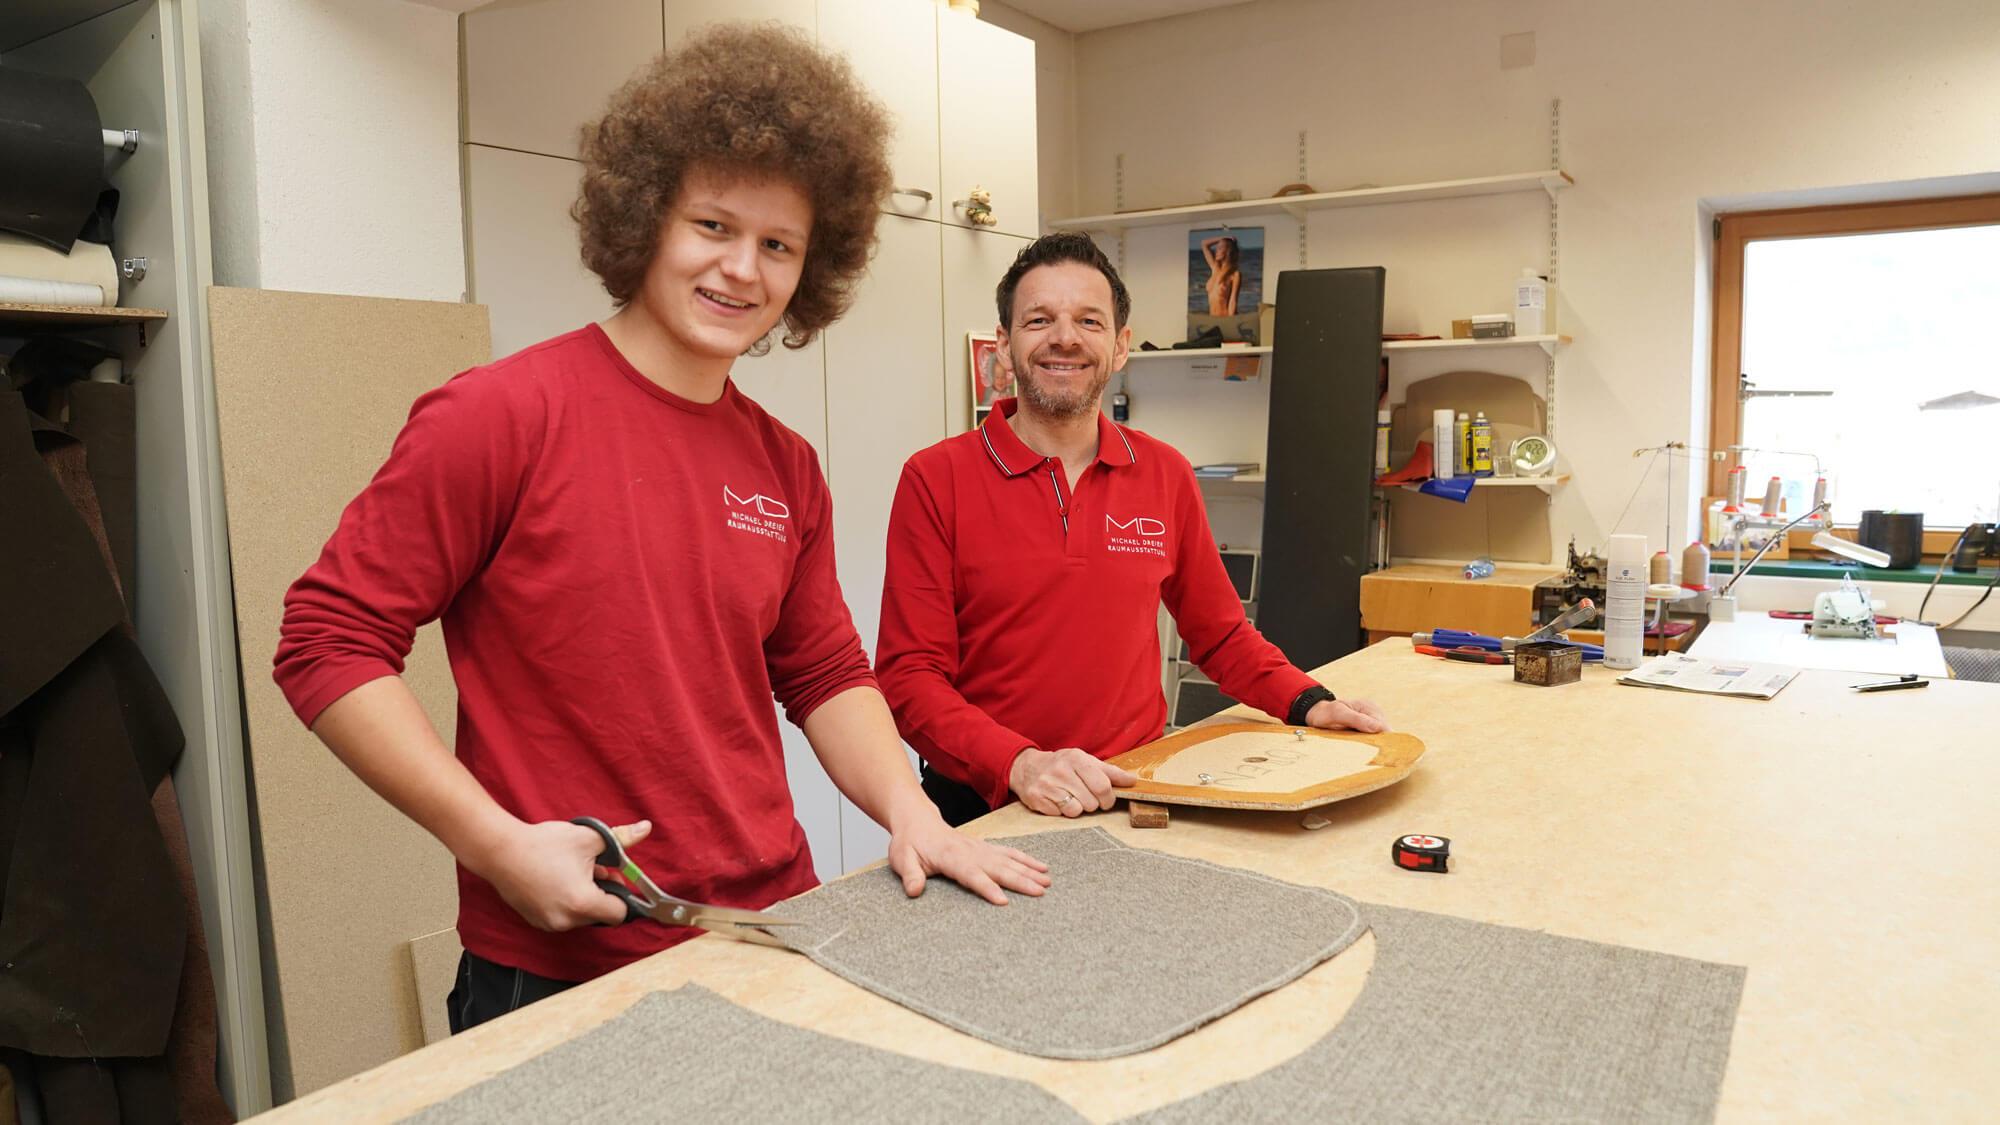 Eingespieltes Team. Raumausstatter Michael Dreier und Lehrling Fabian Rissbacher (l.) arbeiten Hand in Hand.